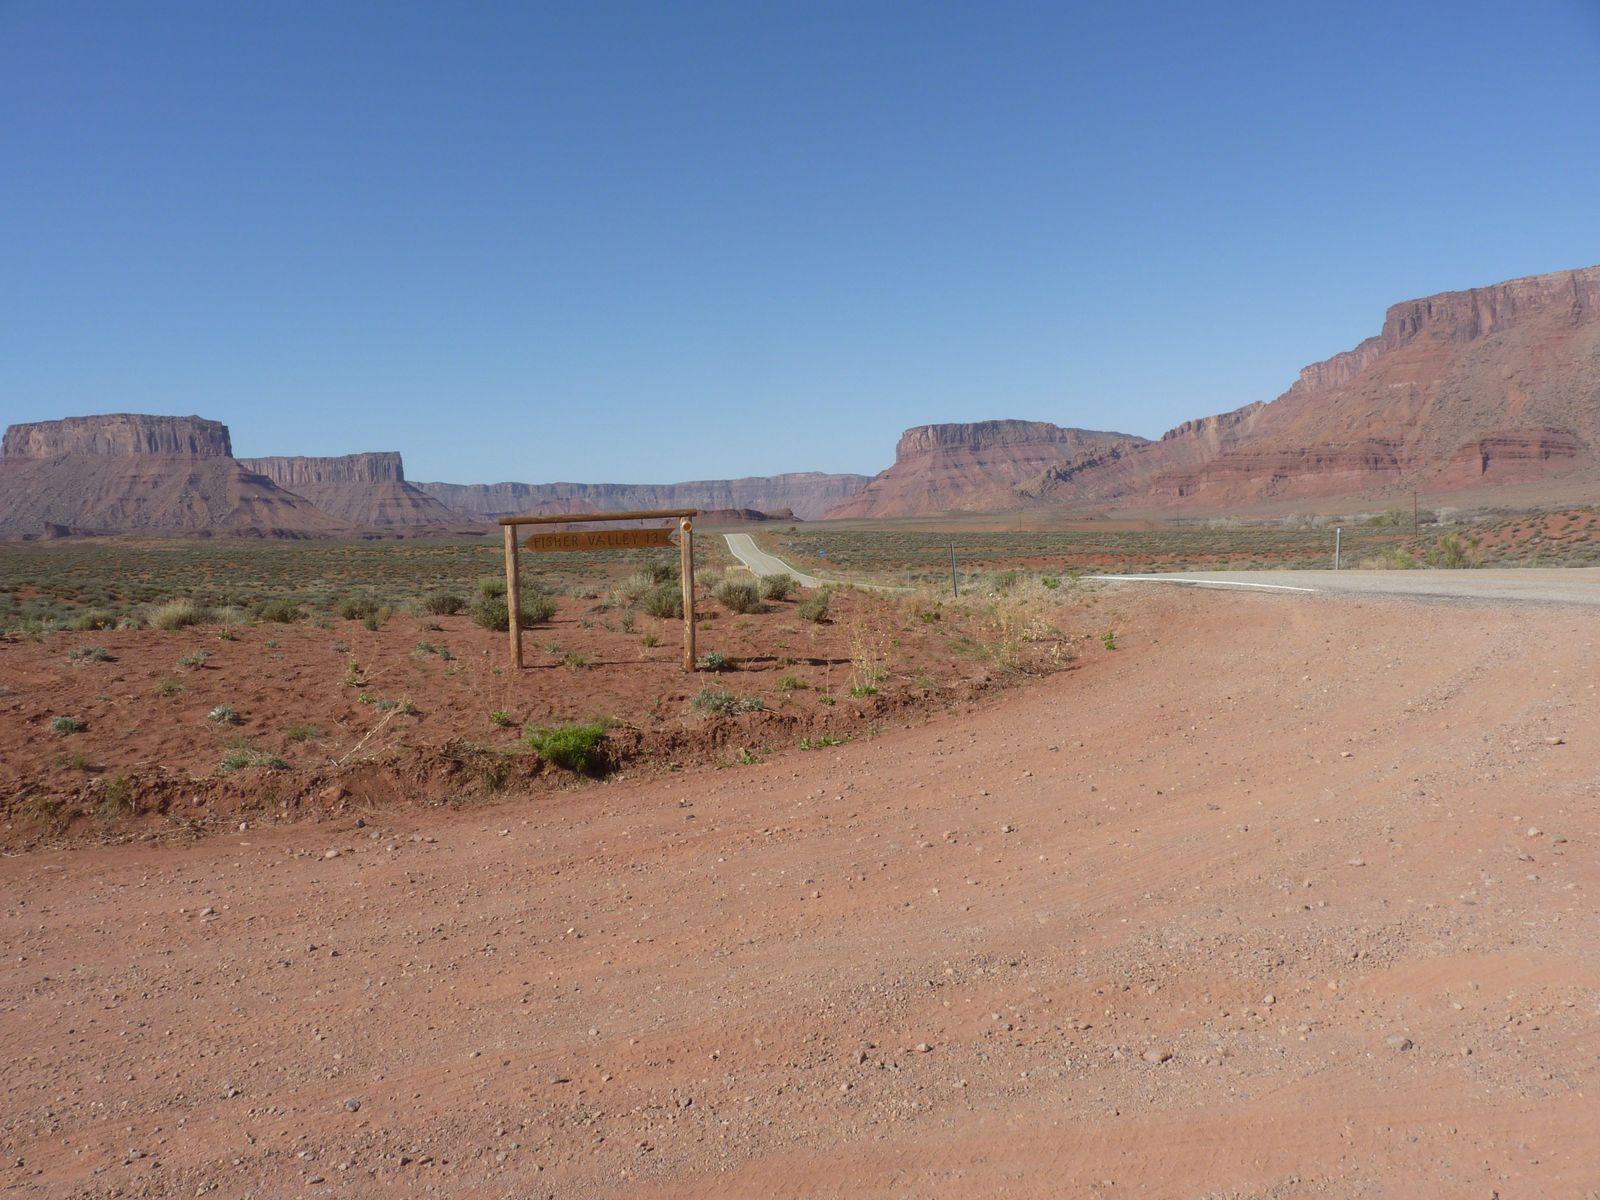 La piste en terre pour acceder au parking